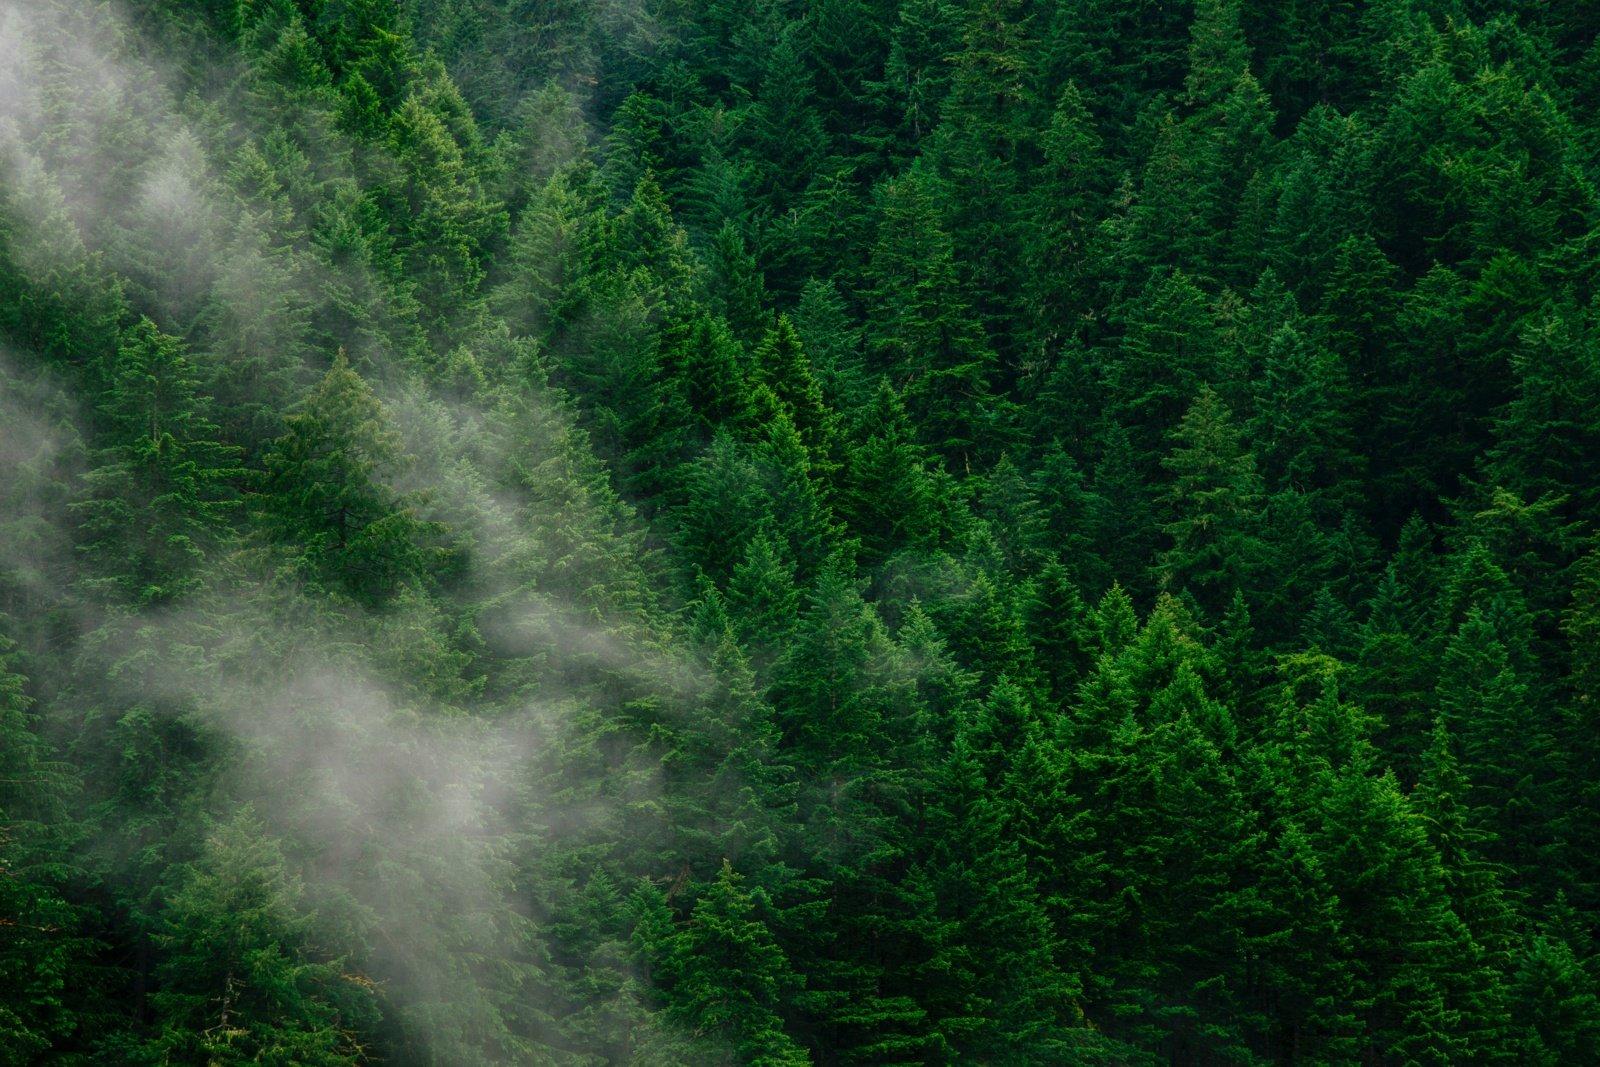 Nustatyta, kad miškai padeda kurti debesis ir taip vėsina Žemę